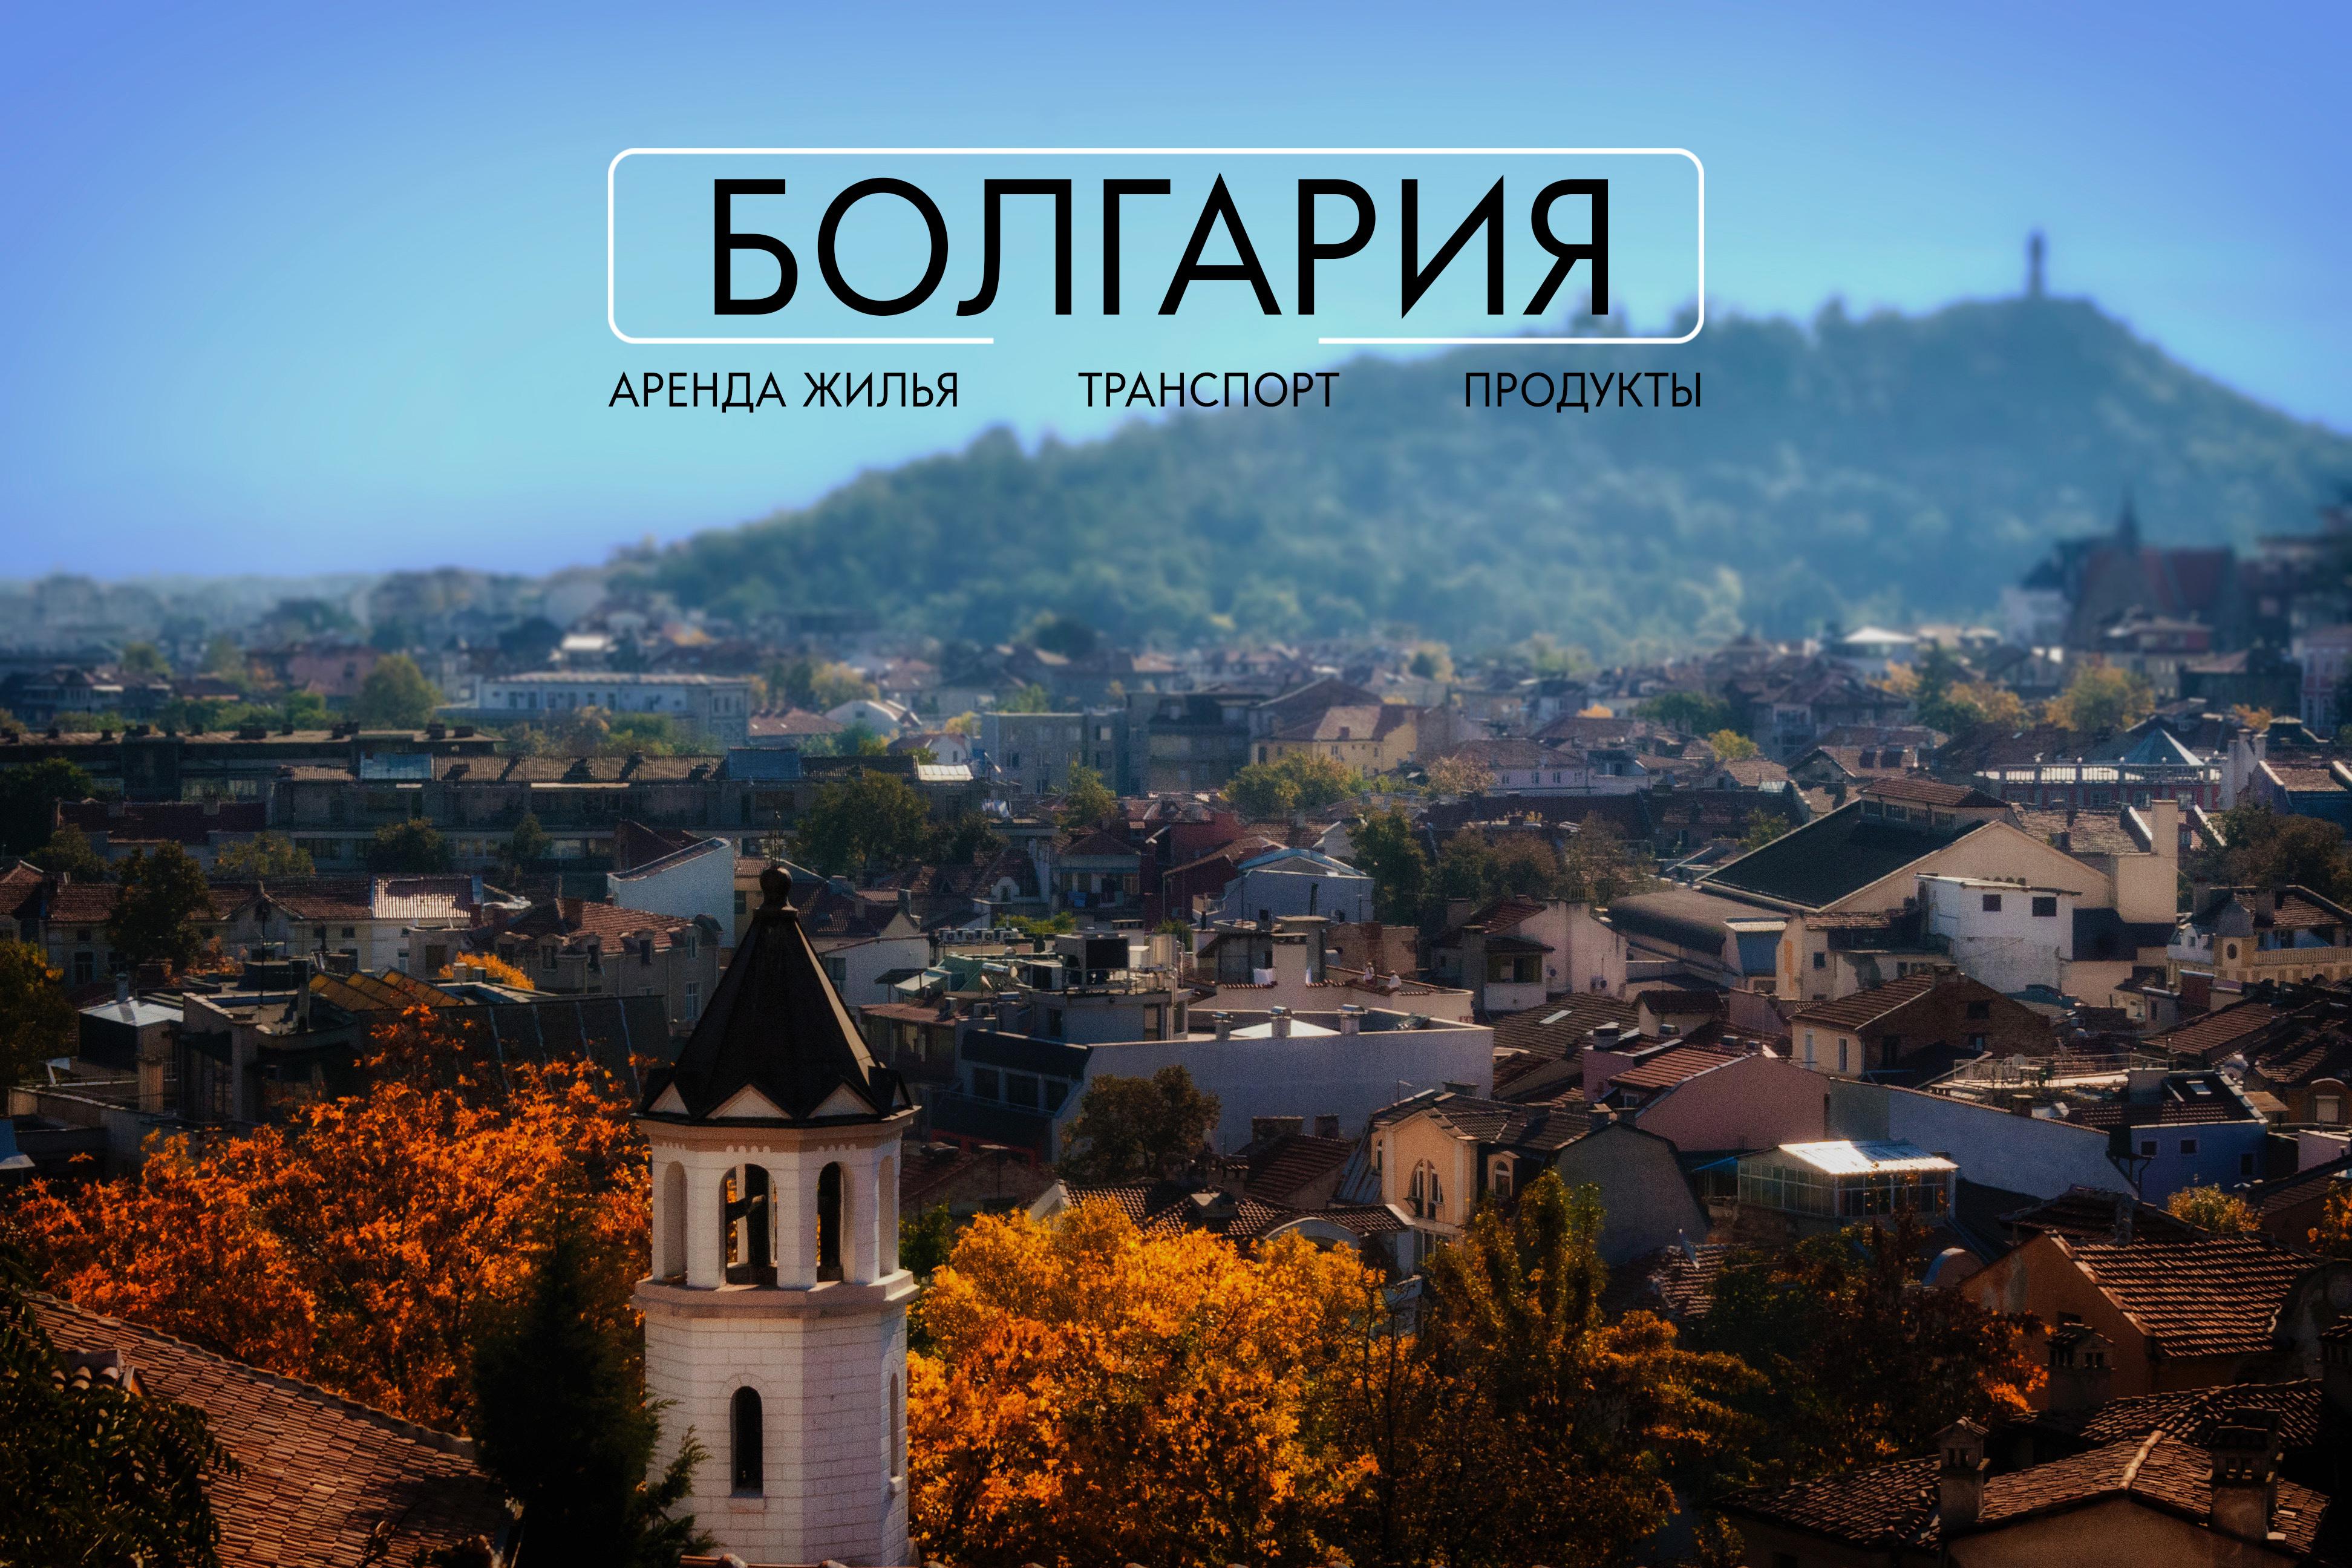 Стоимость проживания в Болгарии – аренда жилья, транспорт, продукты